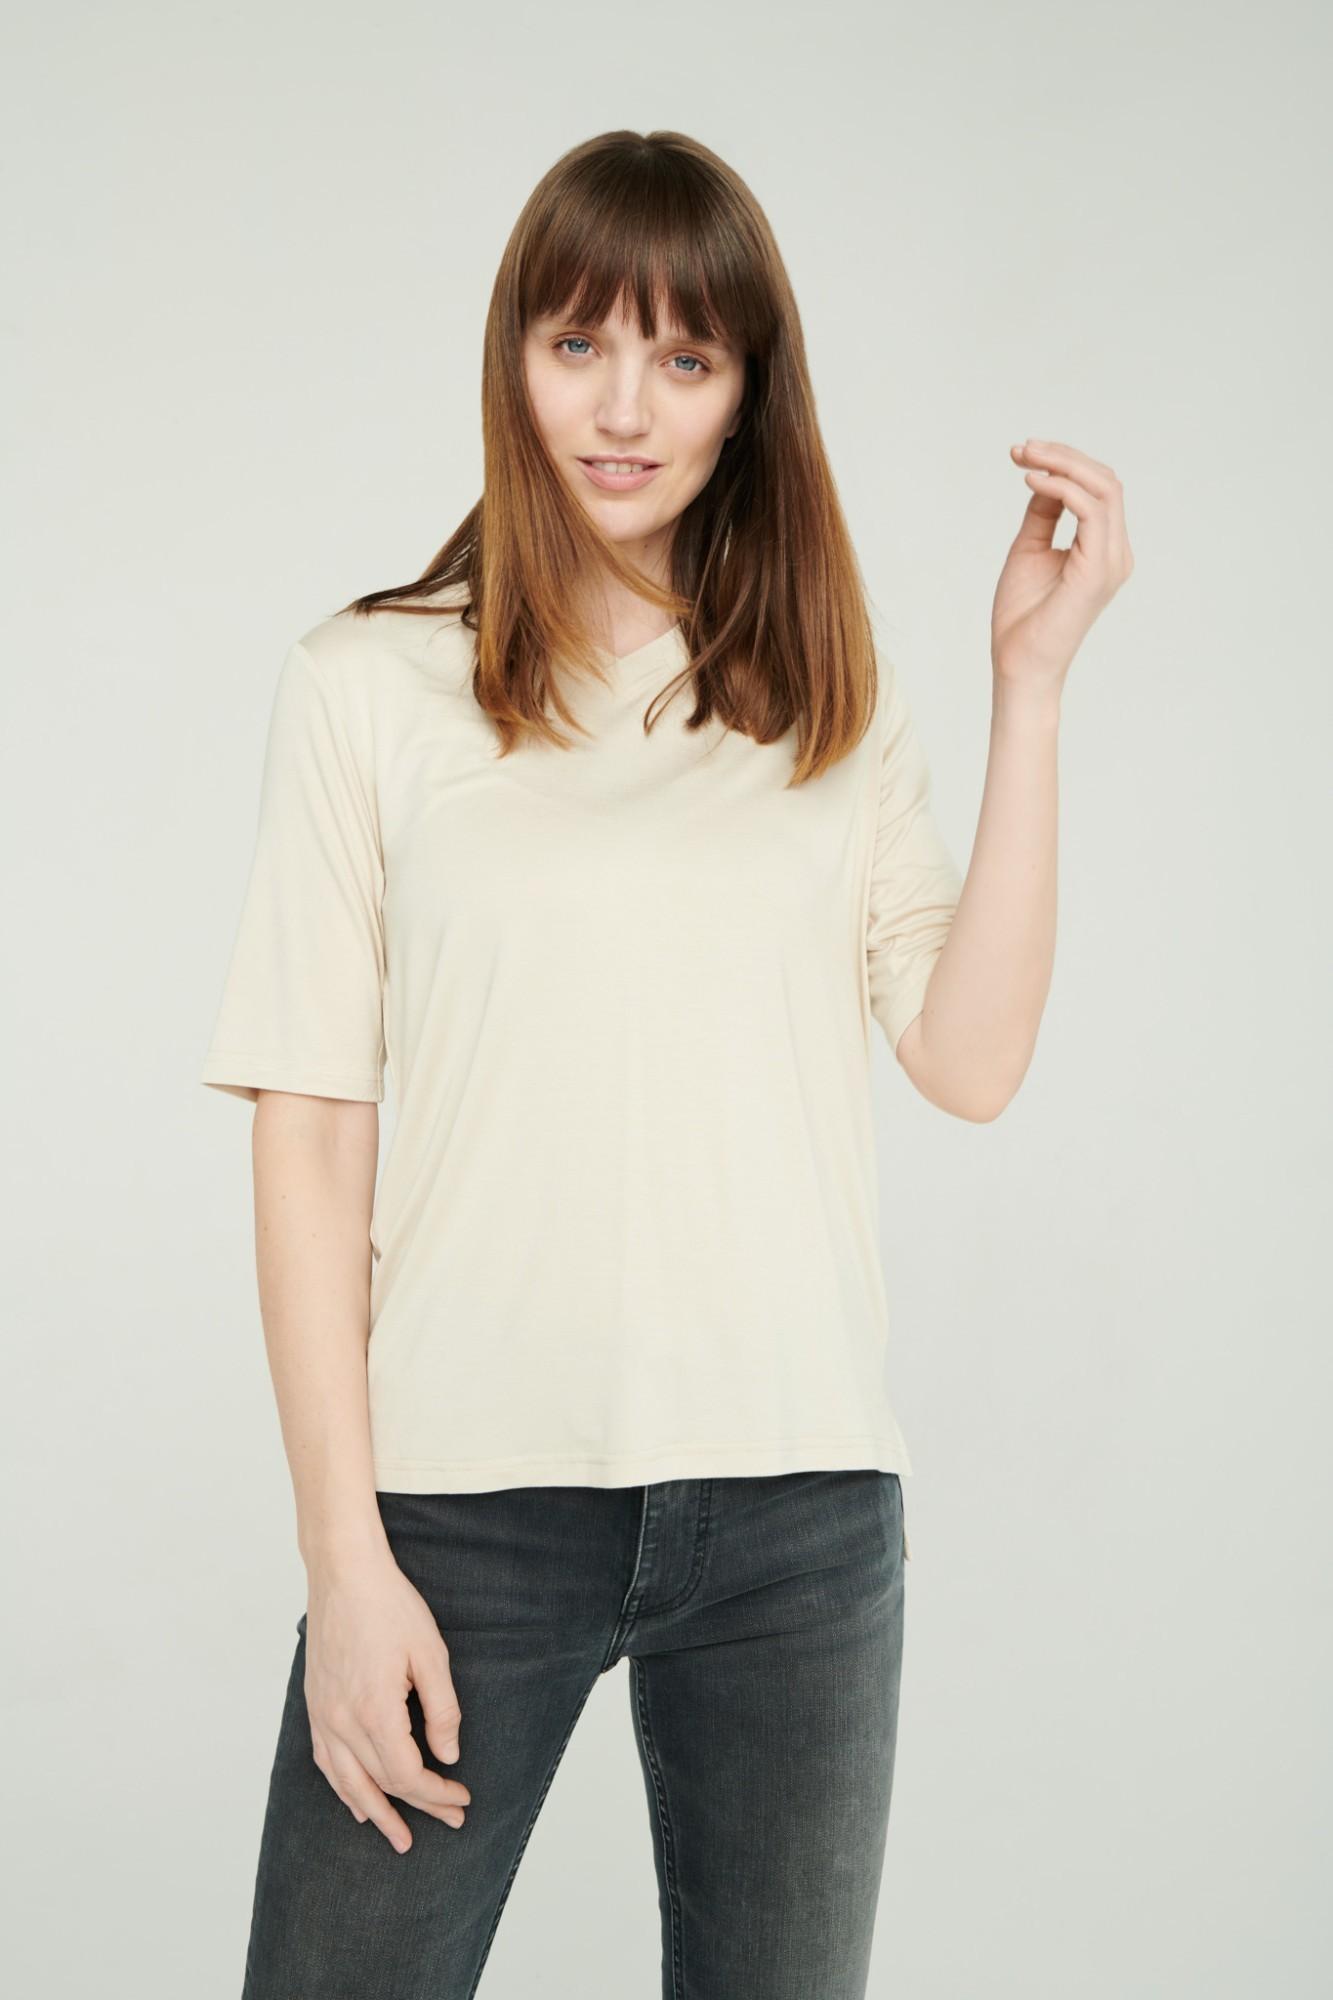 AUDIMAS Lengvi švelnūs marškinėliai 2111-071 White Swan XS